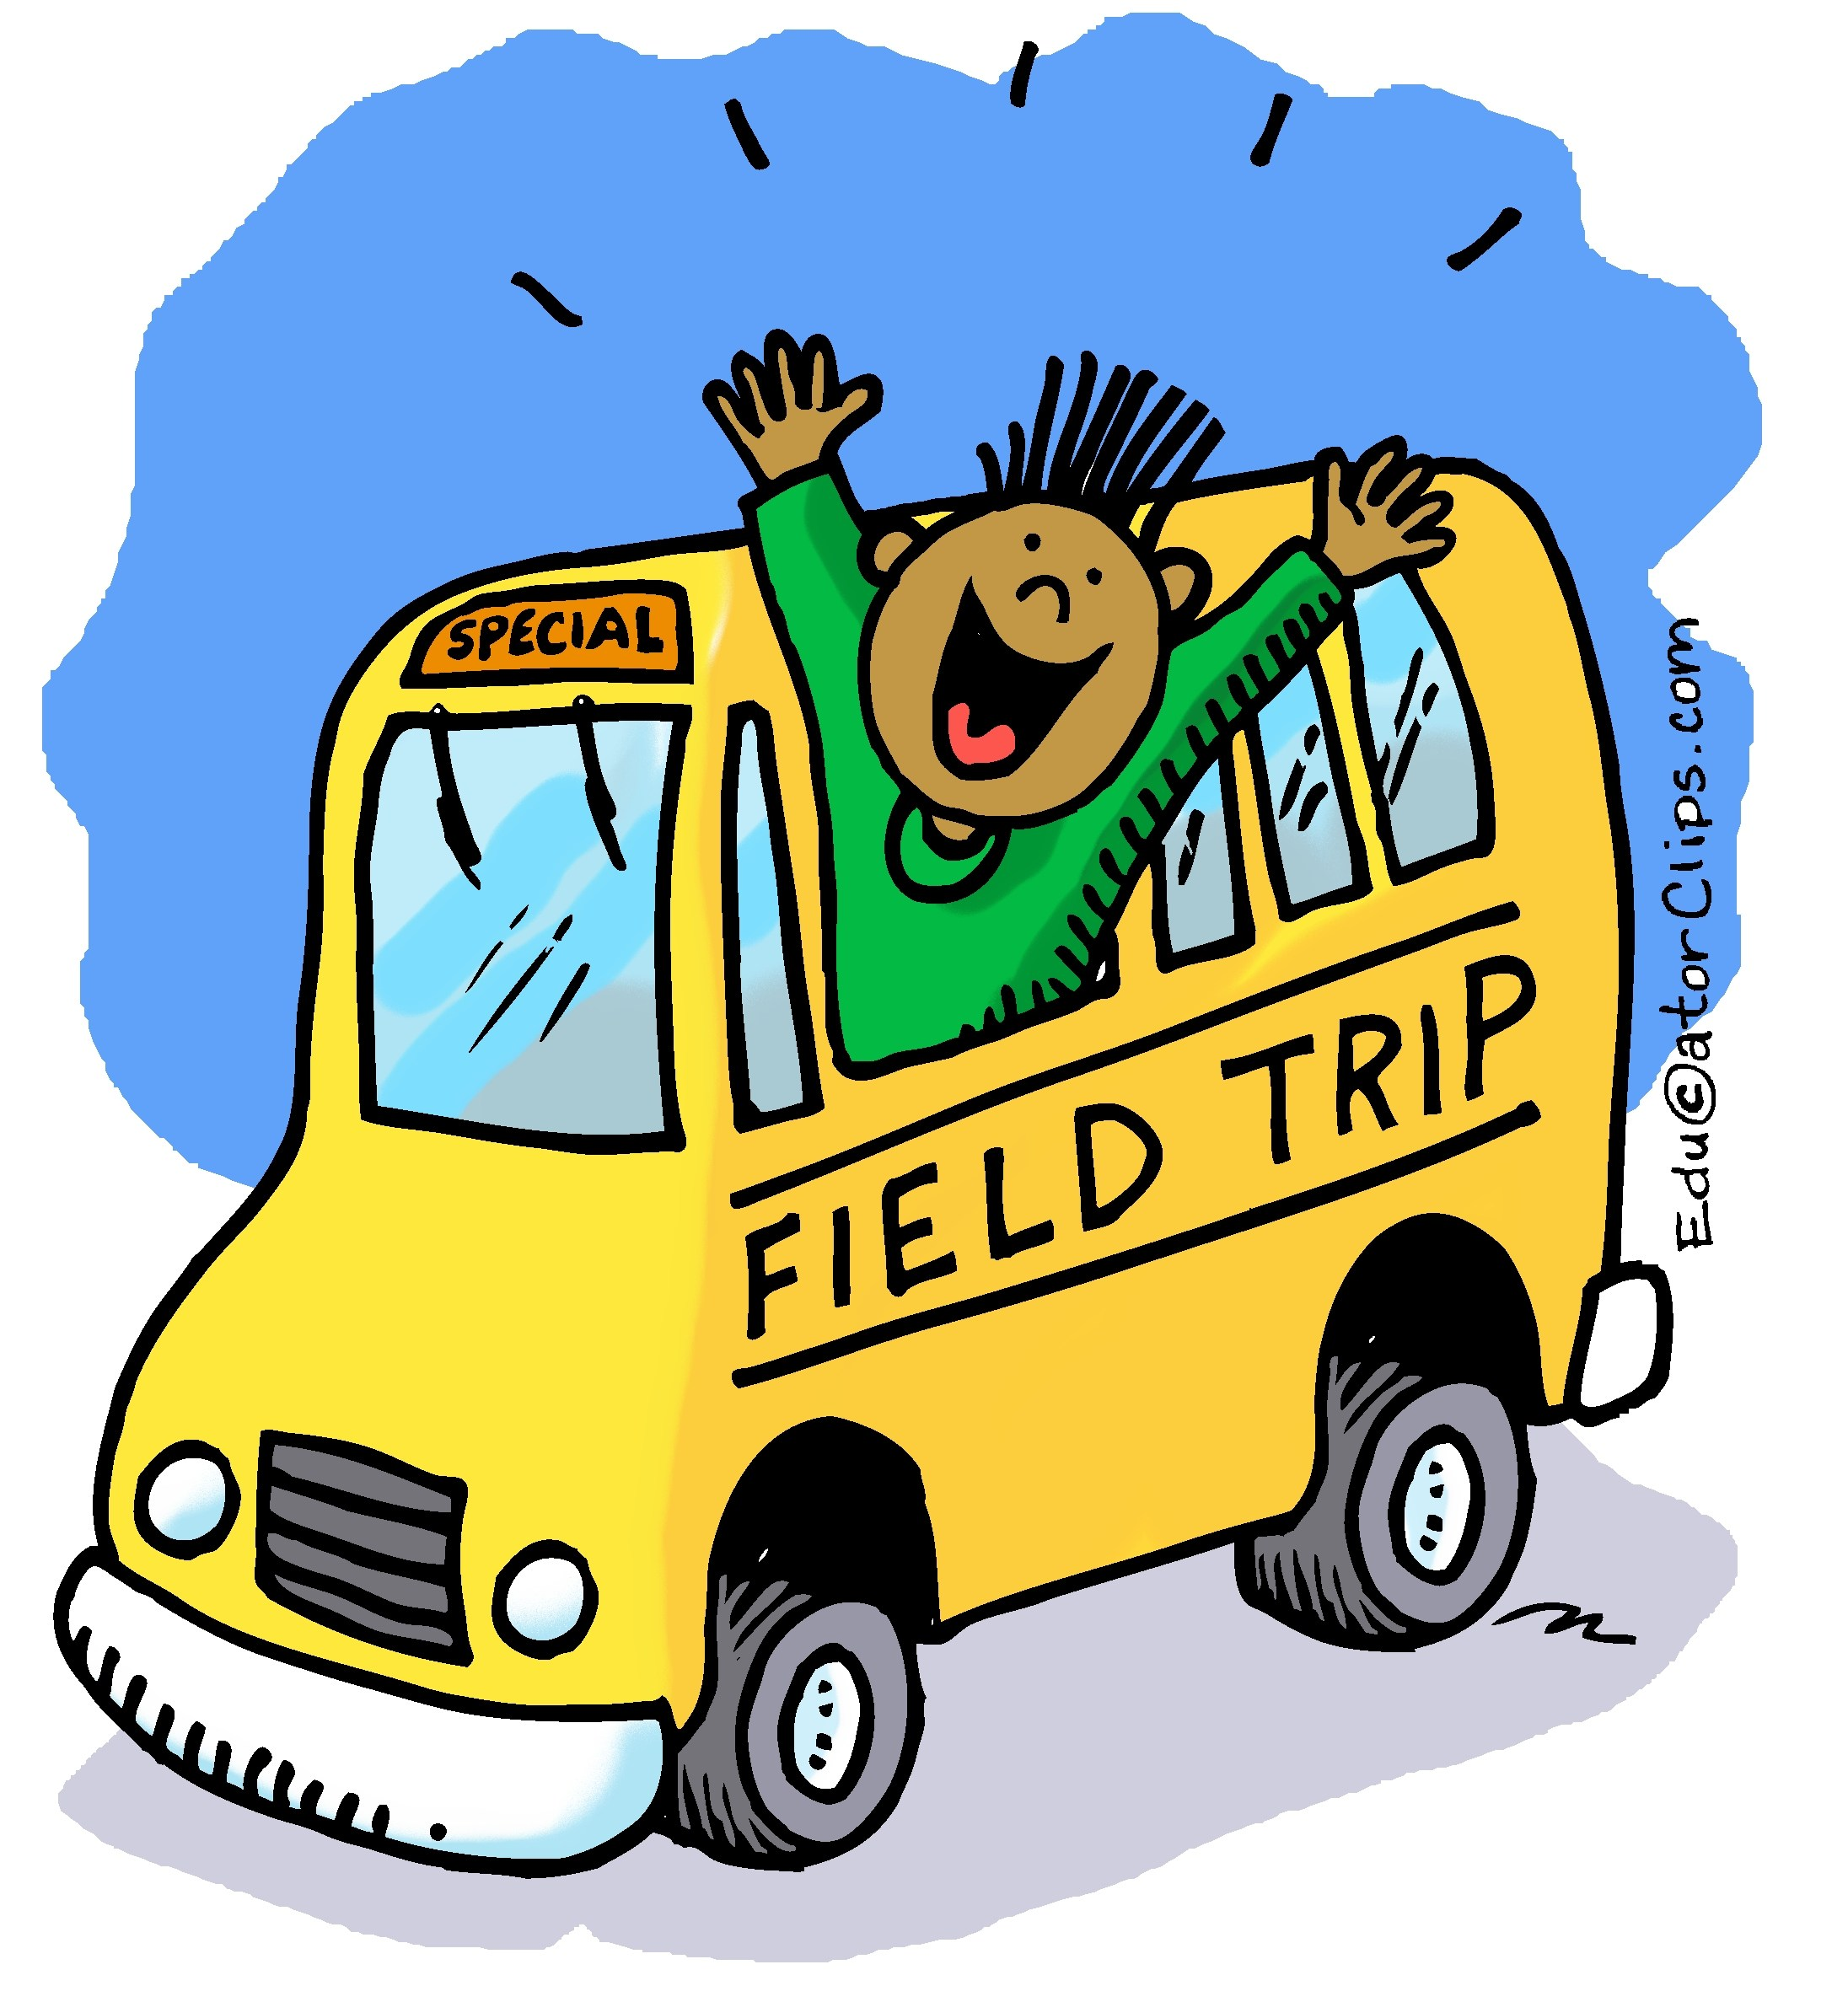 Field trip bus clipart 3 » Clipart Portal.